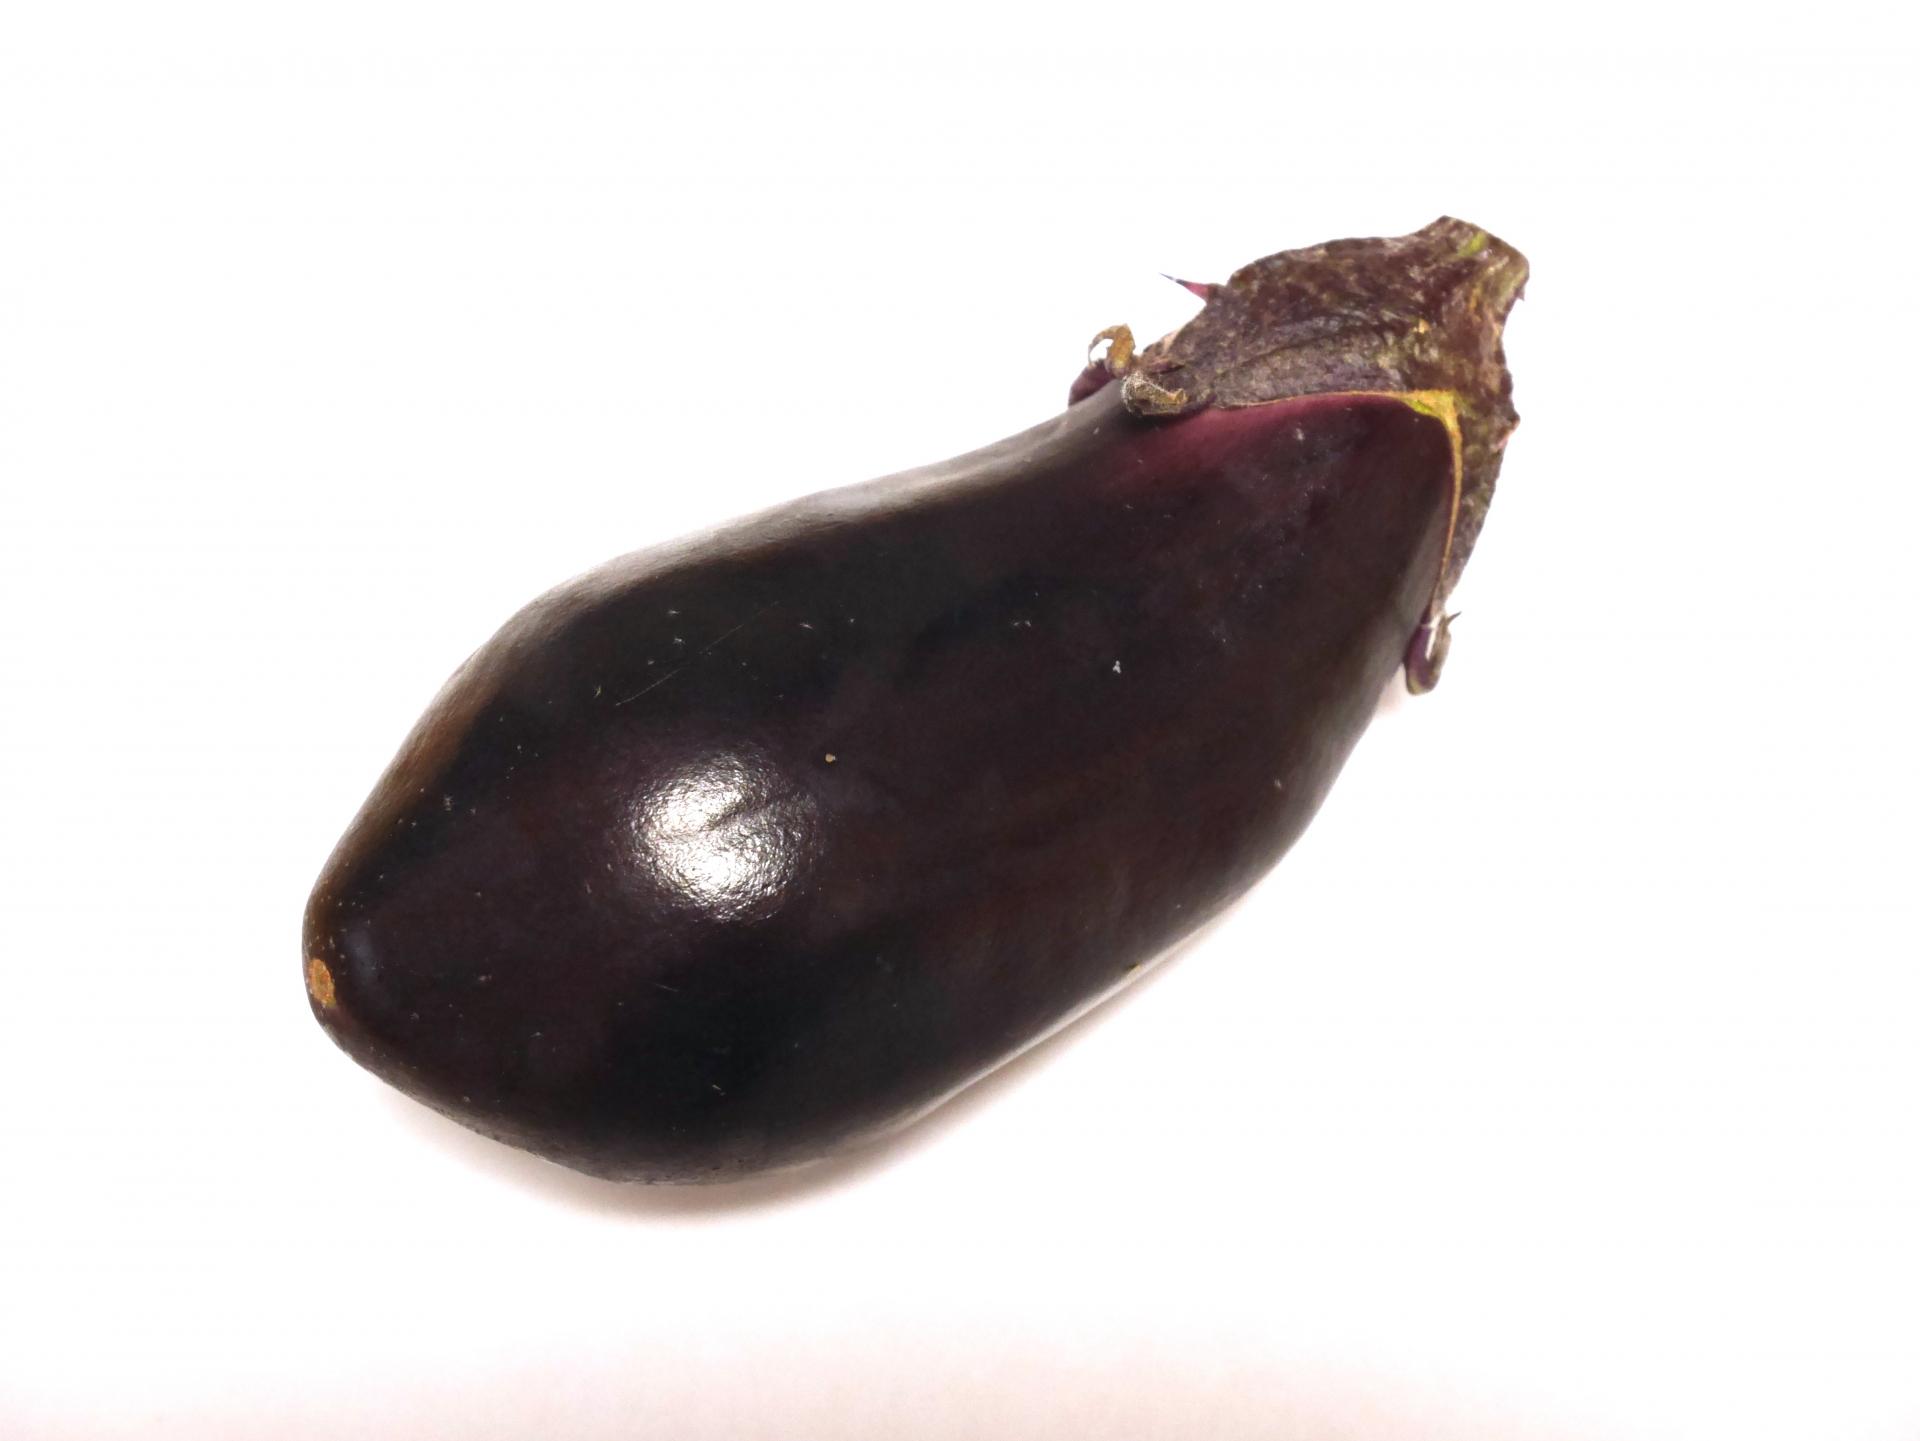 茄子のような形の胆嚢